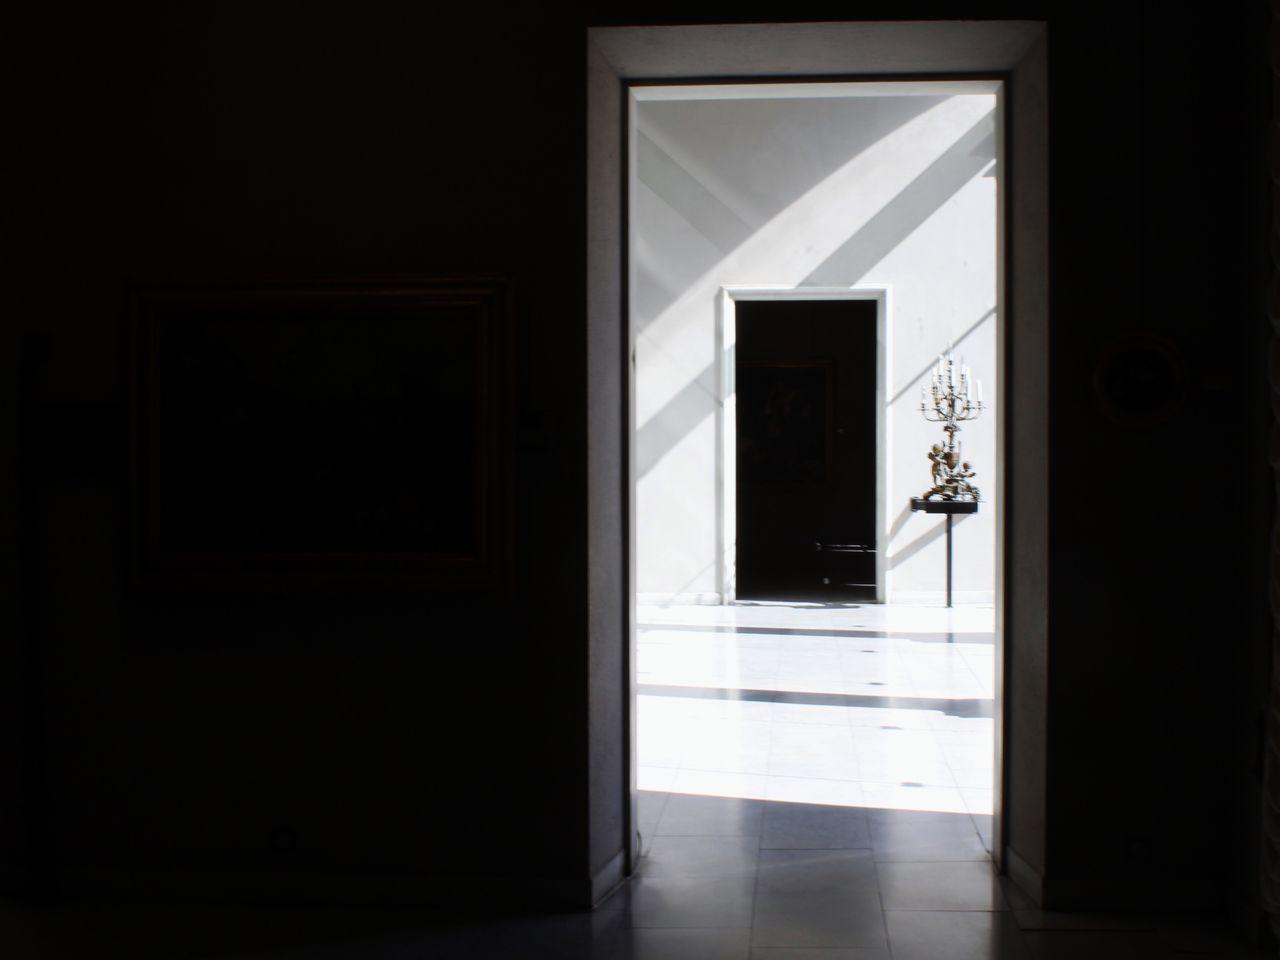 door, indoors, doorway, bathroom, reflection, architecture, open door, no people, built structure, entry, day